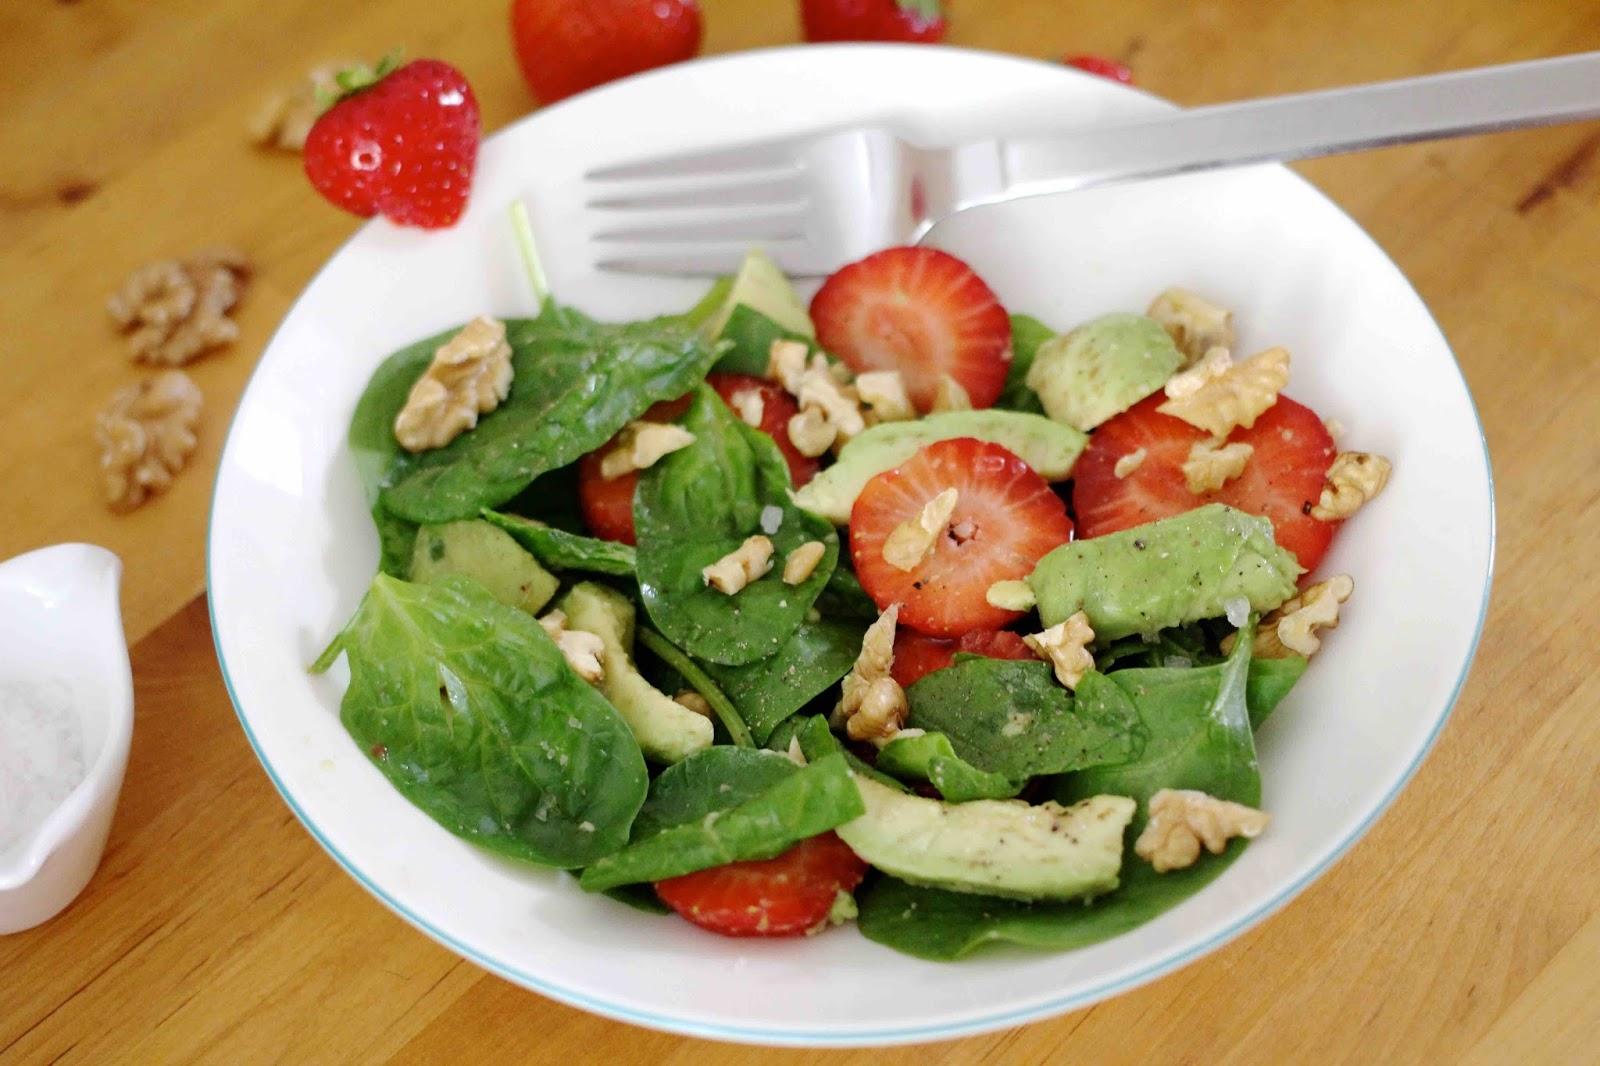 Sommersalat mit Erdbeeren, Avocados und Nüssen